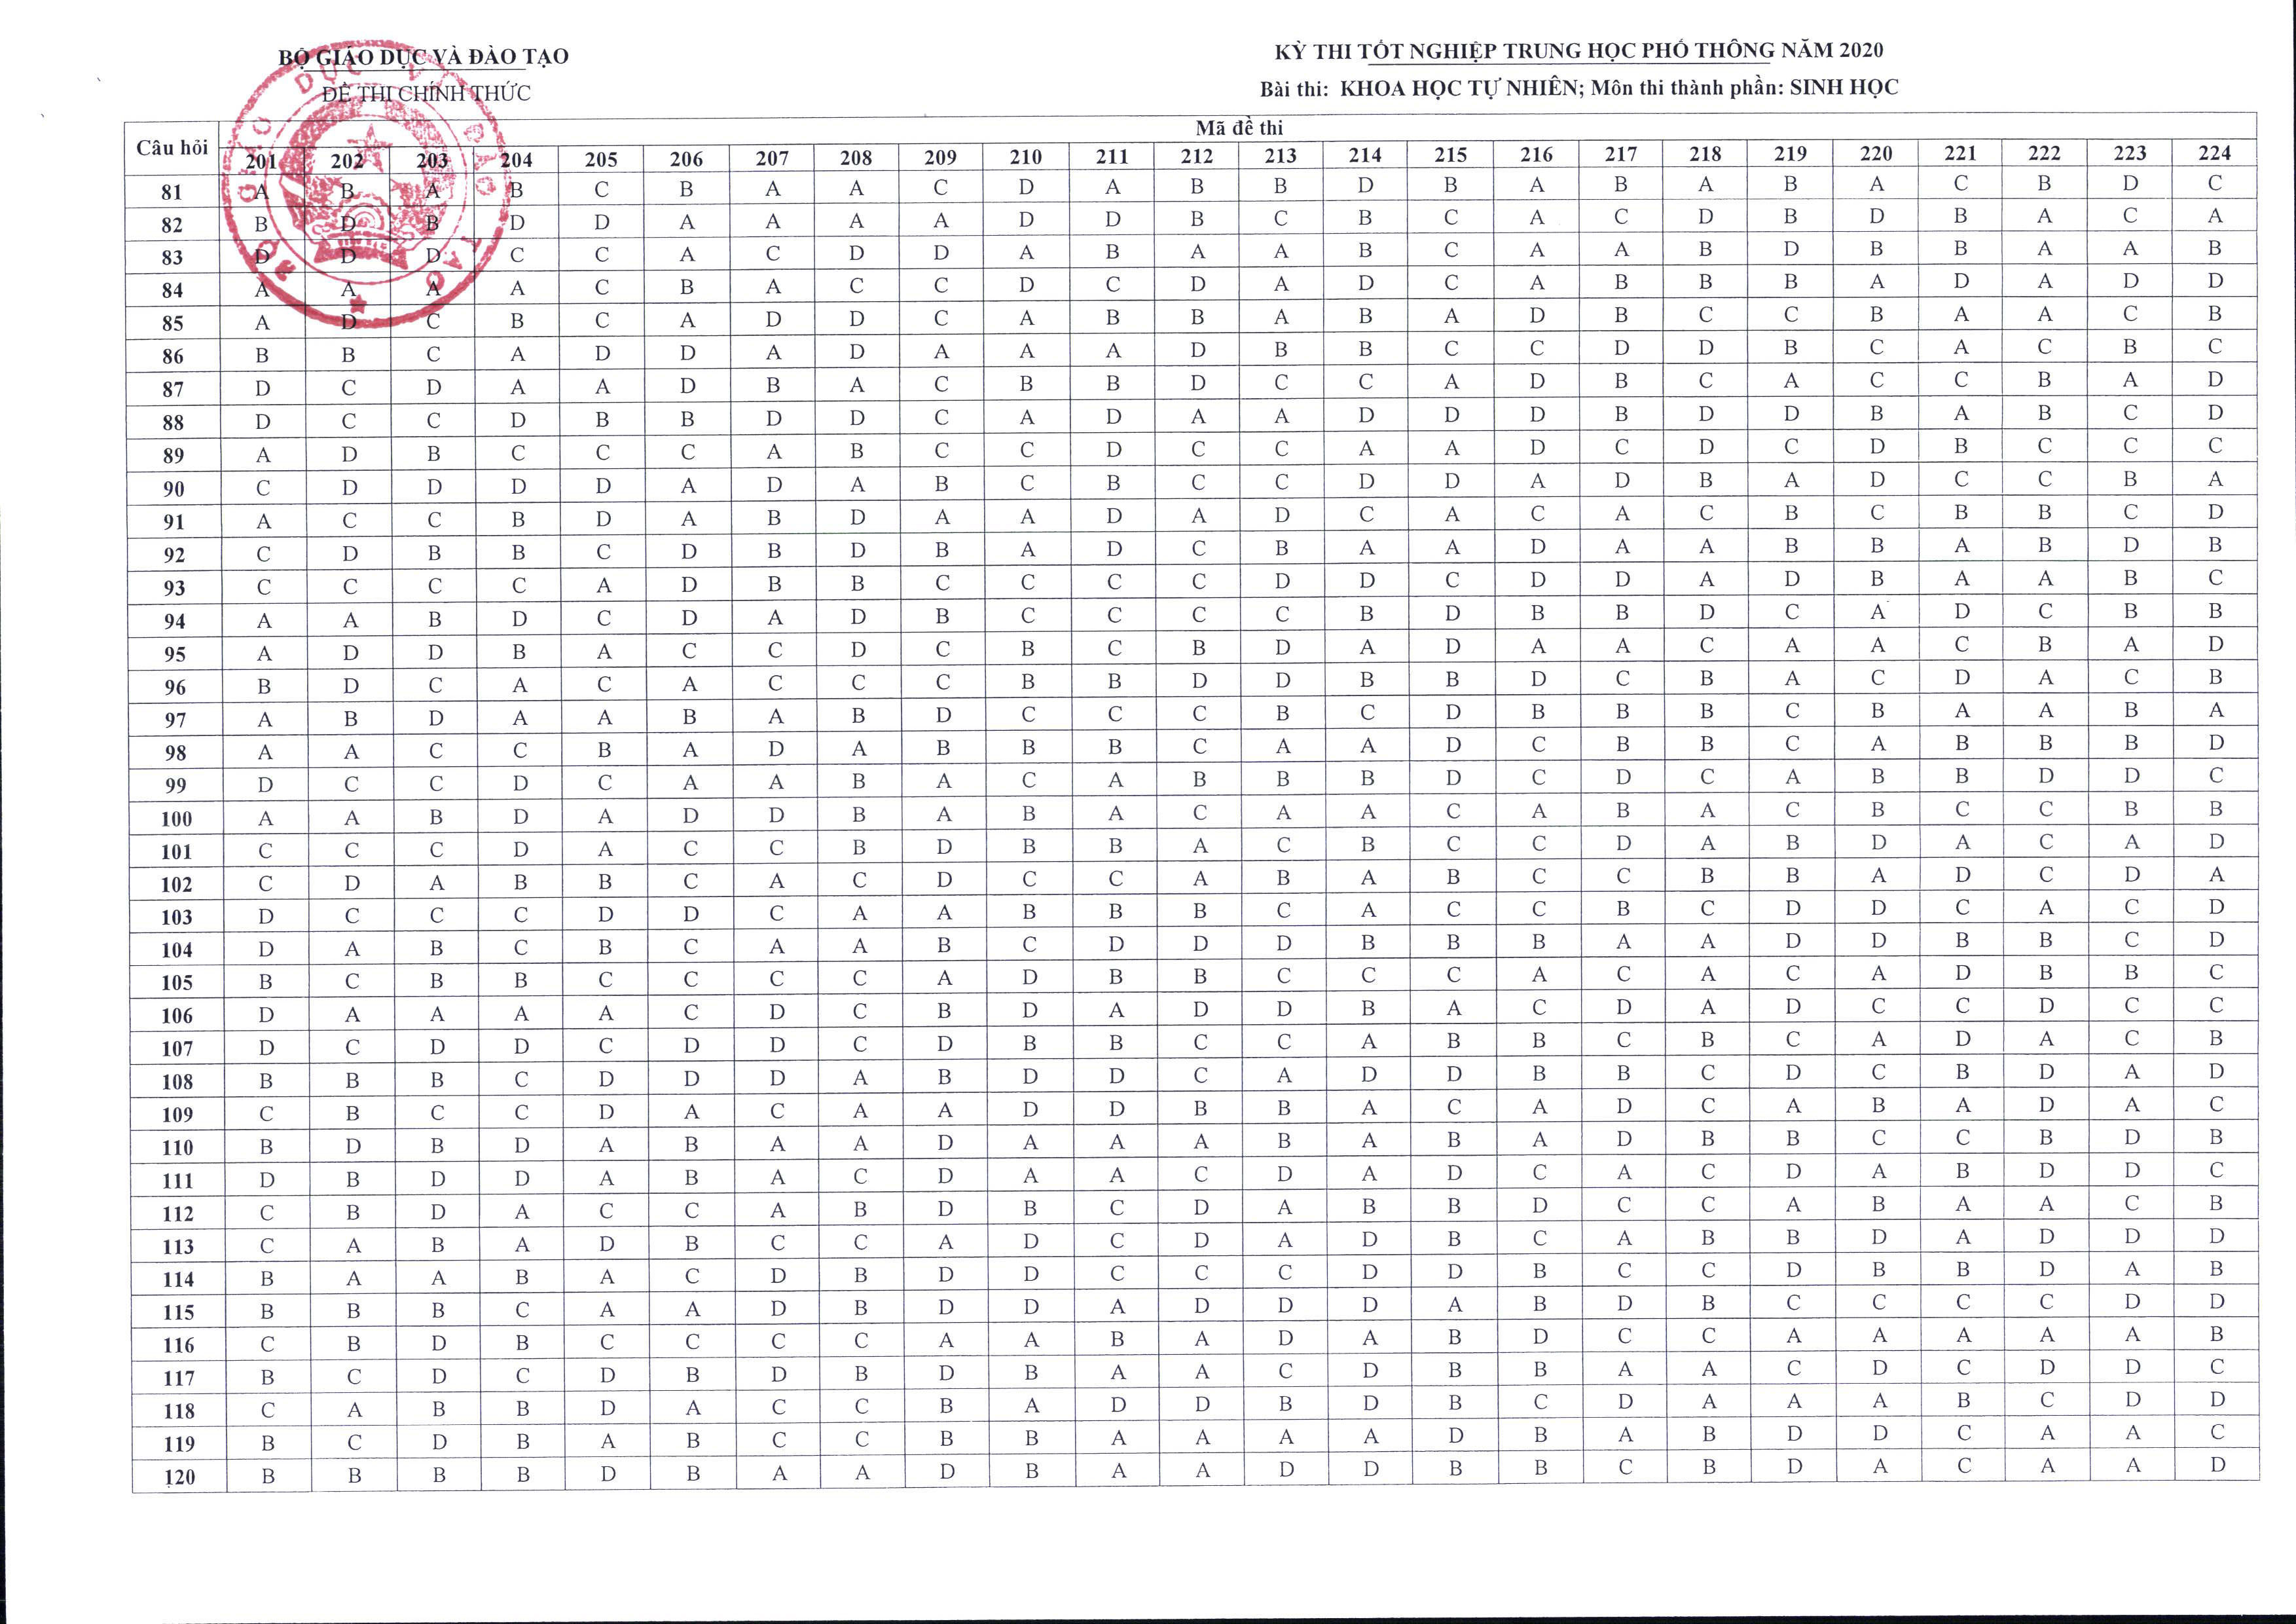 MỚI: Bộ GD&ĐT chính thức công bố đáp án và thang điểm các môn thi tốt nghiệp THPT - Ảnh 13.